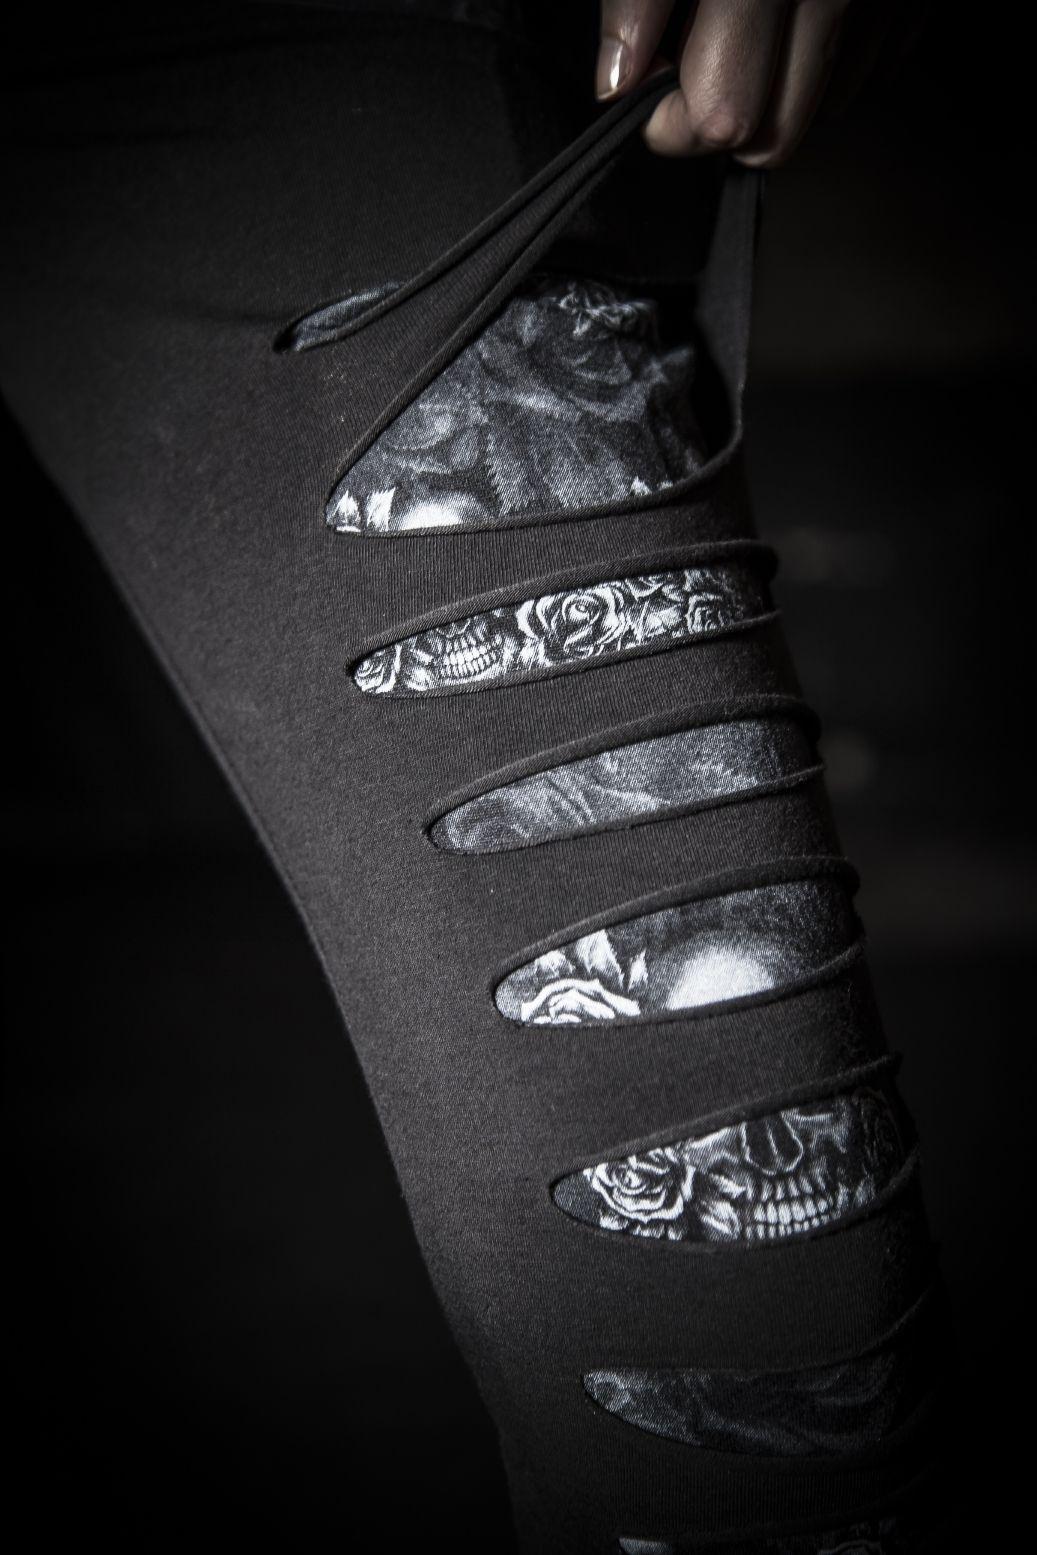 Mit Messer und Schere haben sich die Jungs und Mädels von Black Premium by EMP über die Cut-Out Leggings hergemacht. Unter den Cut-Outs blitzt nun ein Stoff mit Skull Design hindurch und macht die Leggings zum bequemen und einzigartigen Begleiter. #streetstyle #empstyle #blackpremium